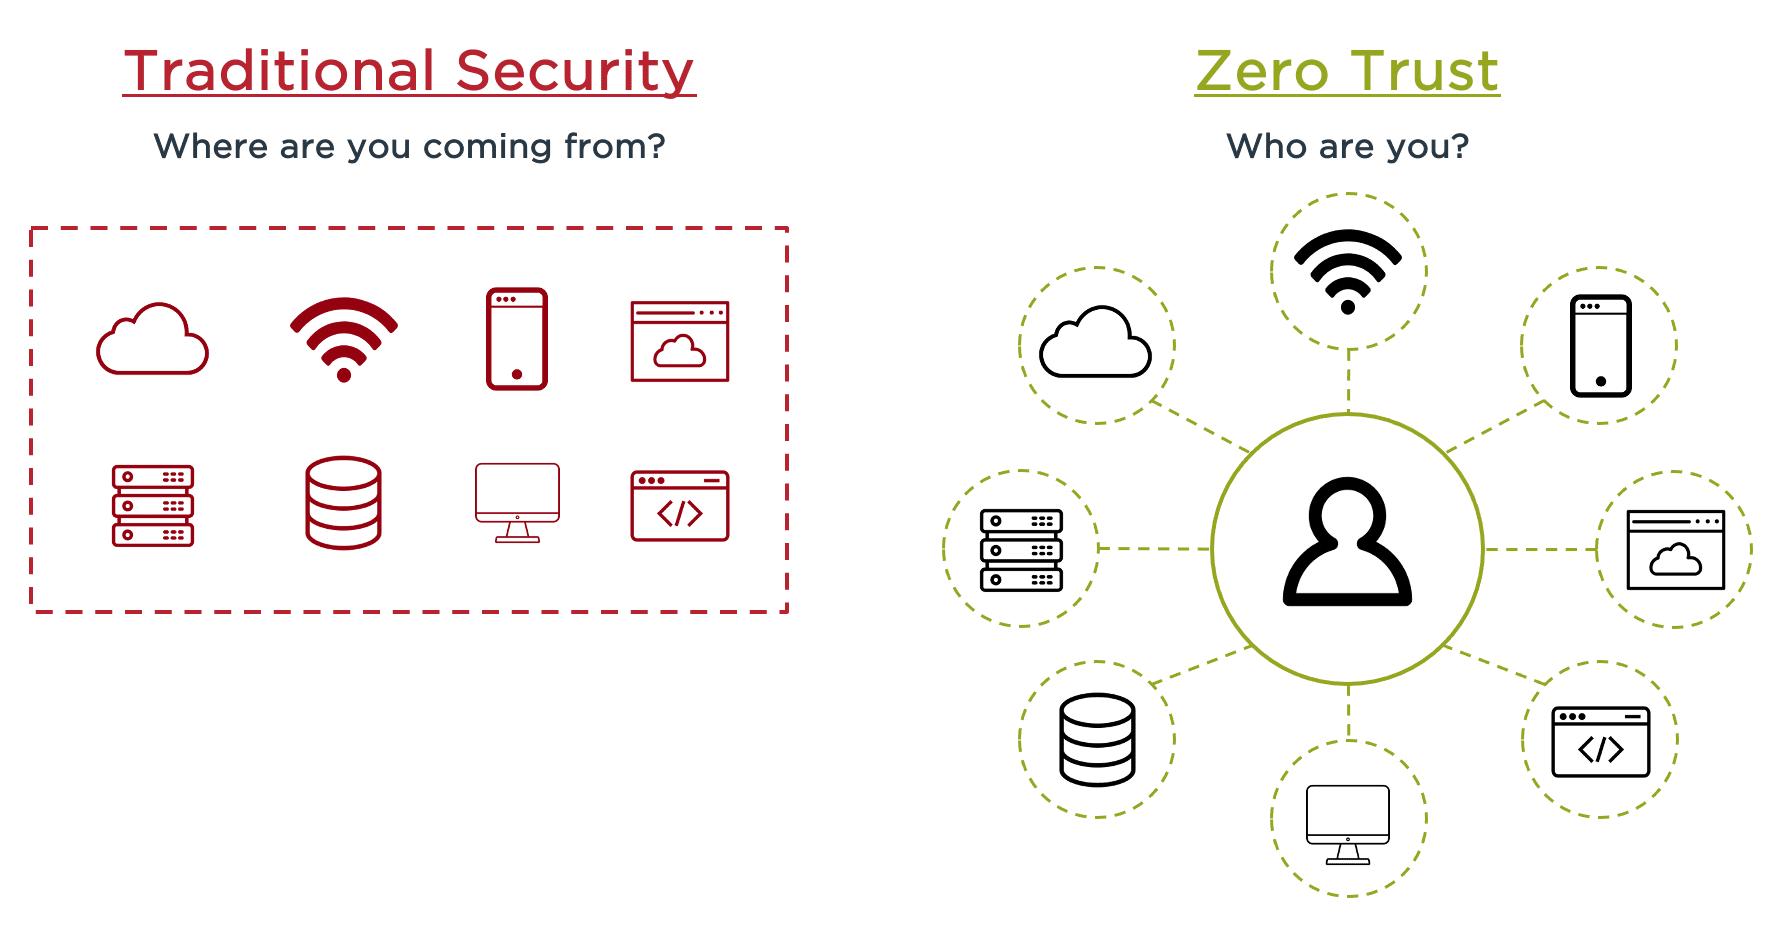 Diagram of traditional security versus Zero Trust